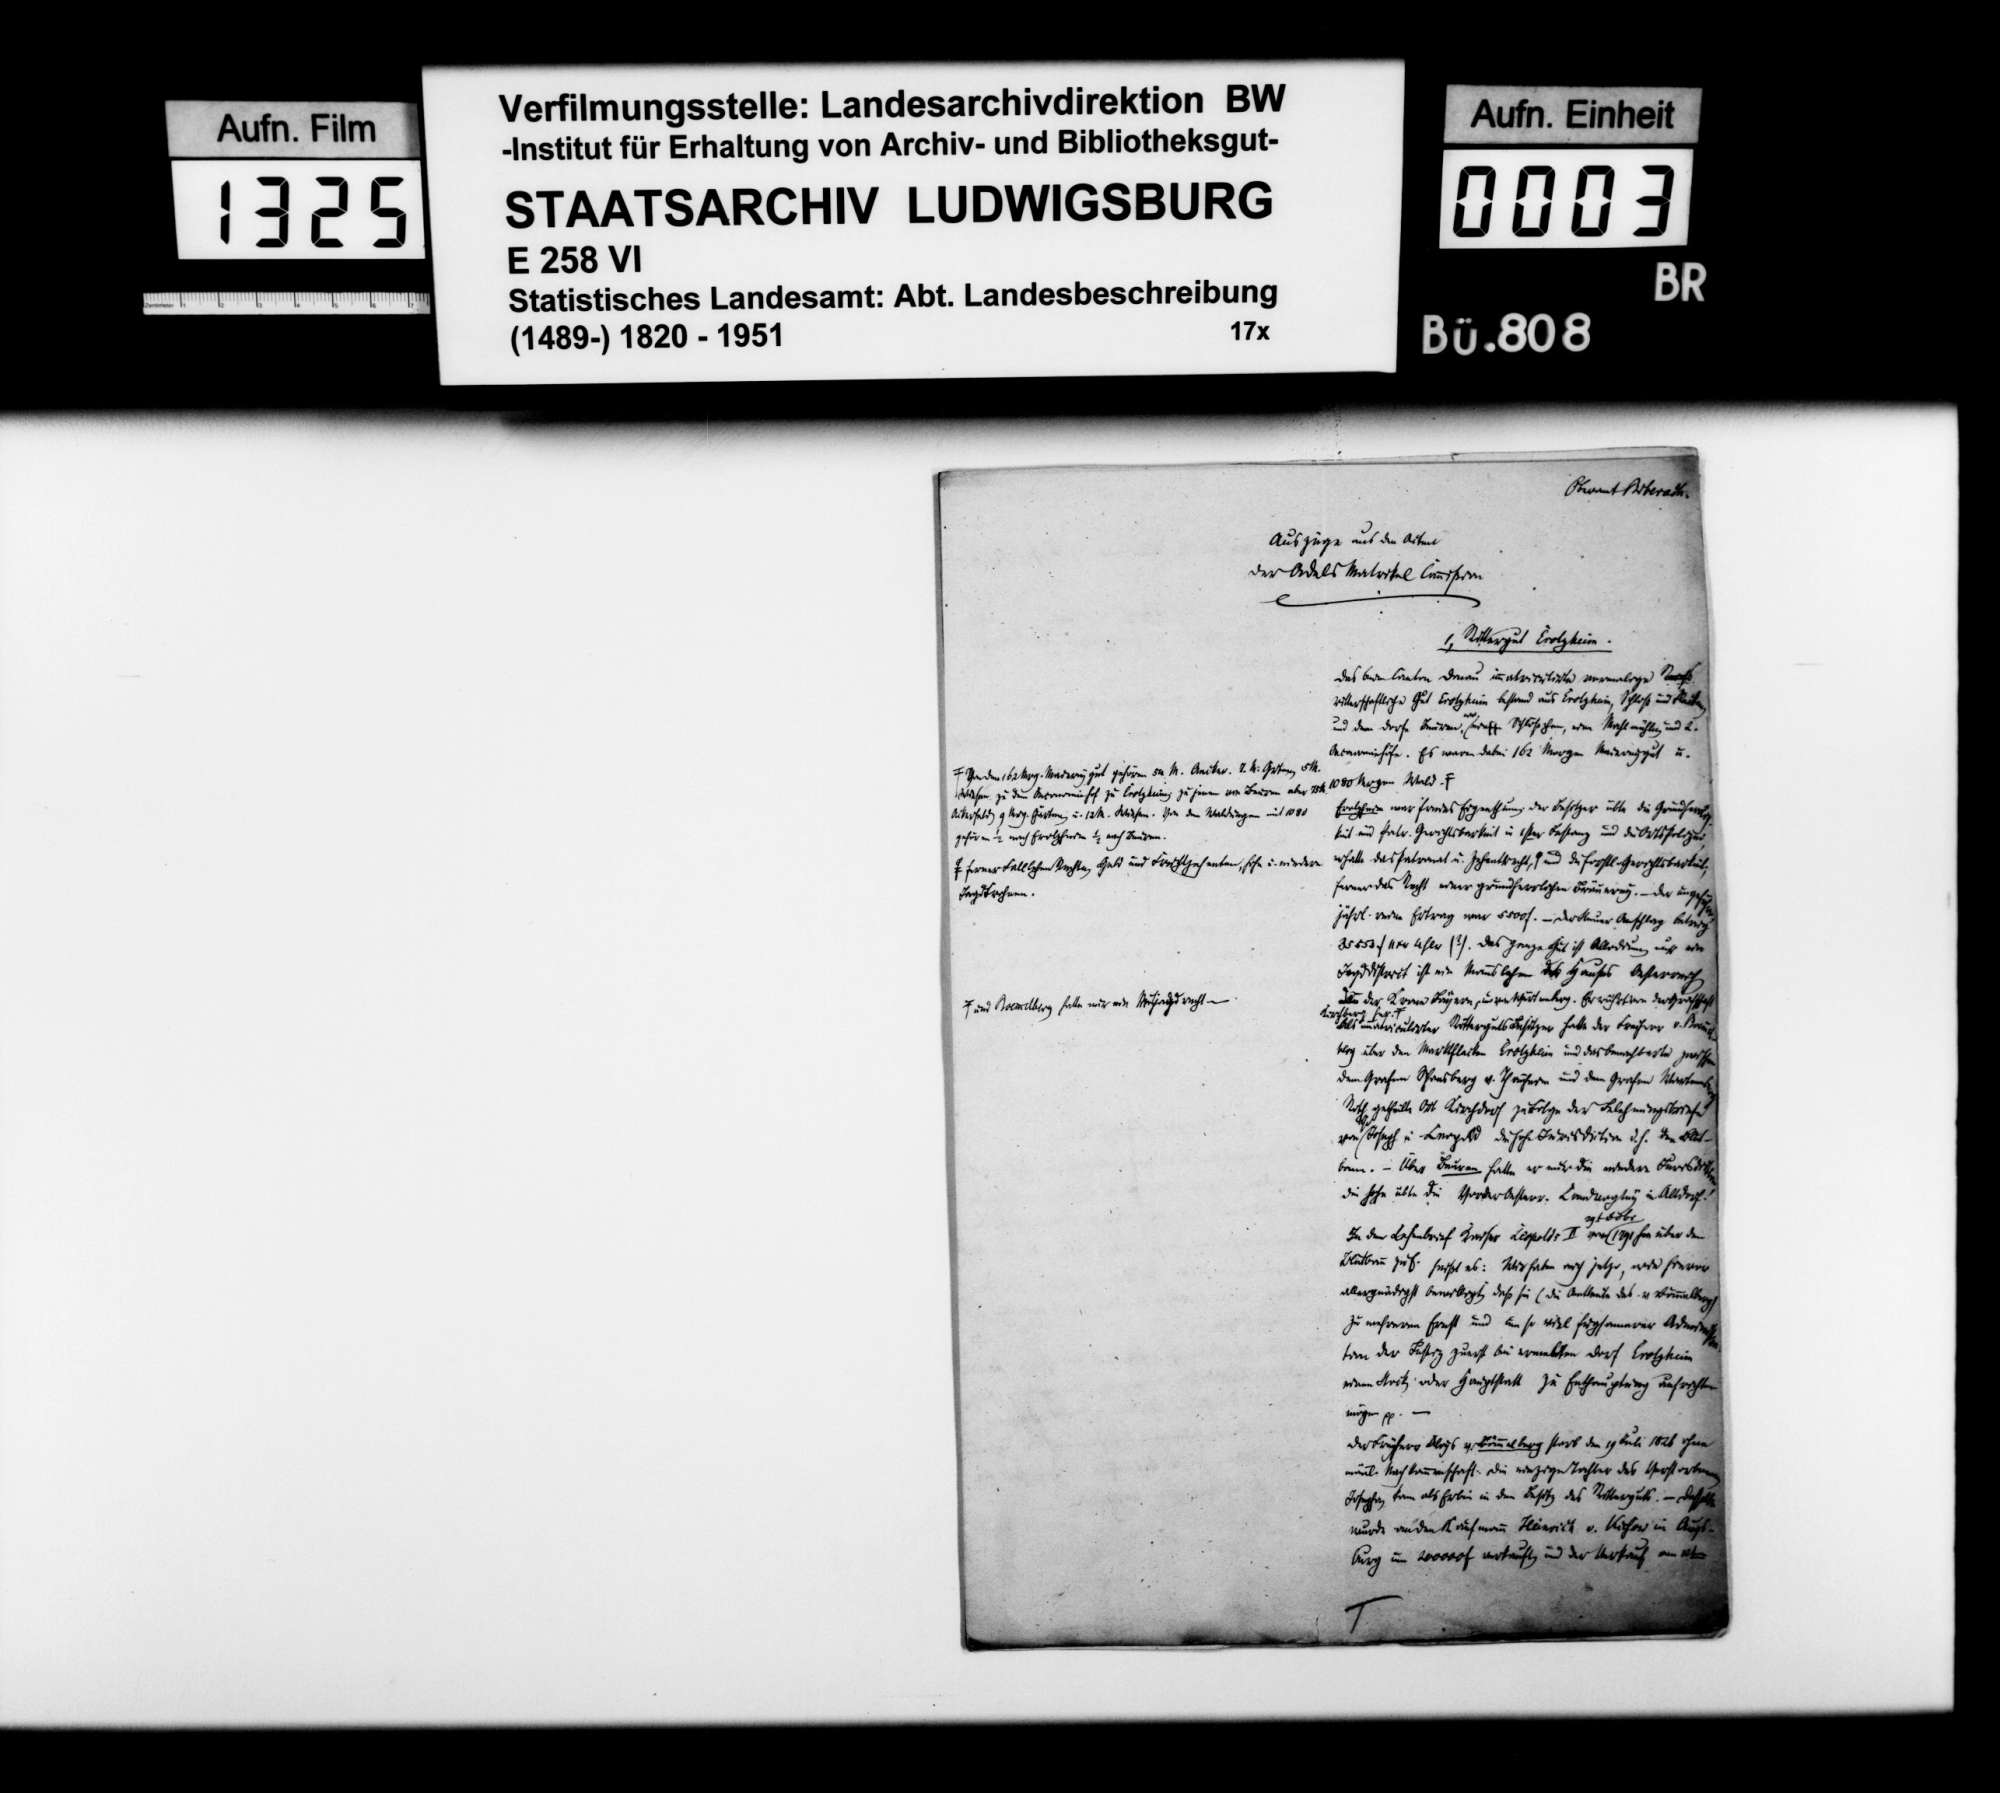 Auszüge aus den Akten der Adelsmatrikelkommission, betreffend die Rittergüter Erolzheim, Warthausen, Röhrwangen, Hürbel, Oberdettingen, Unterdettingen, sowie die Standesherrschaften Gutenzell und Heggbach, Bild 2